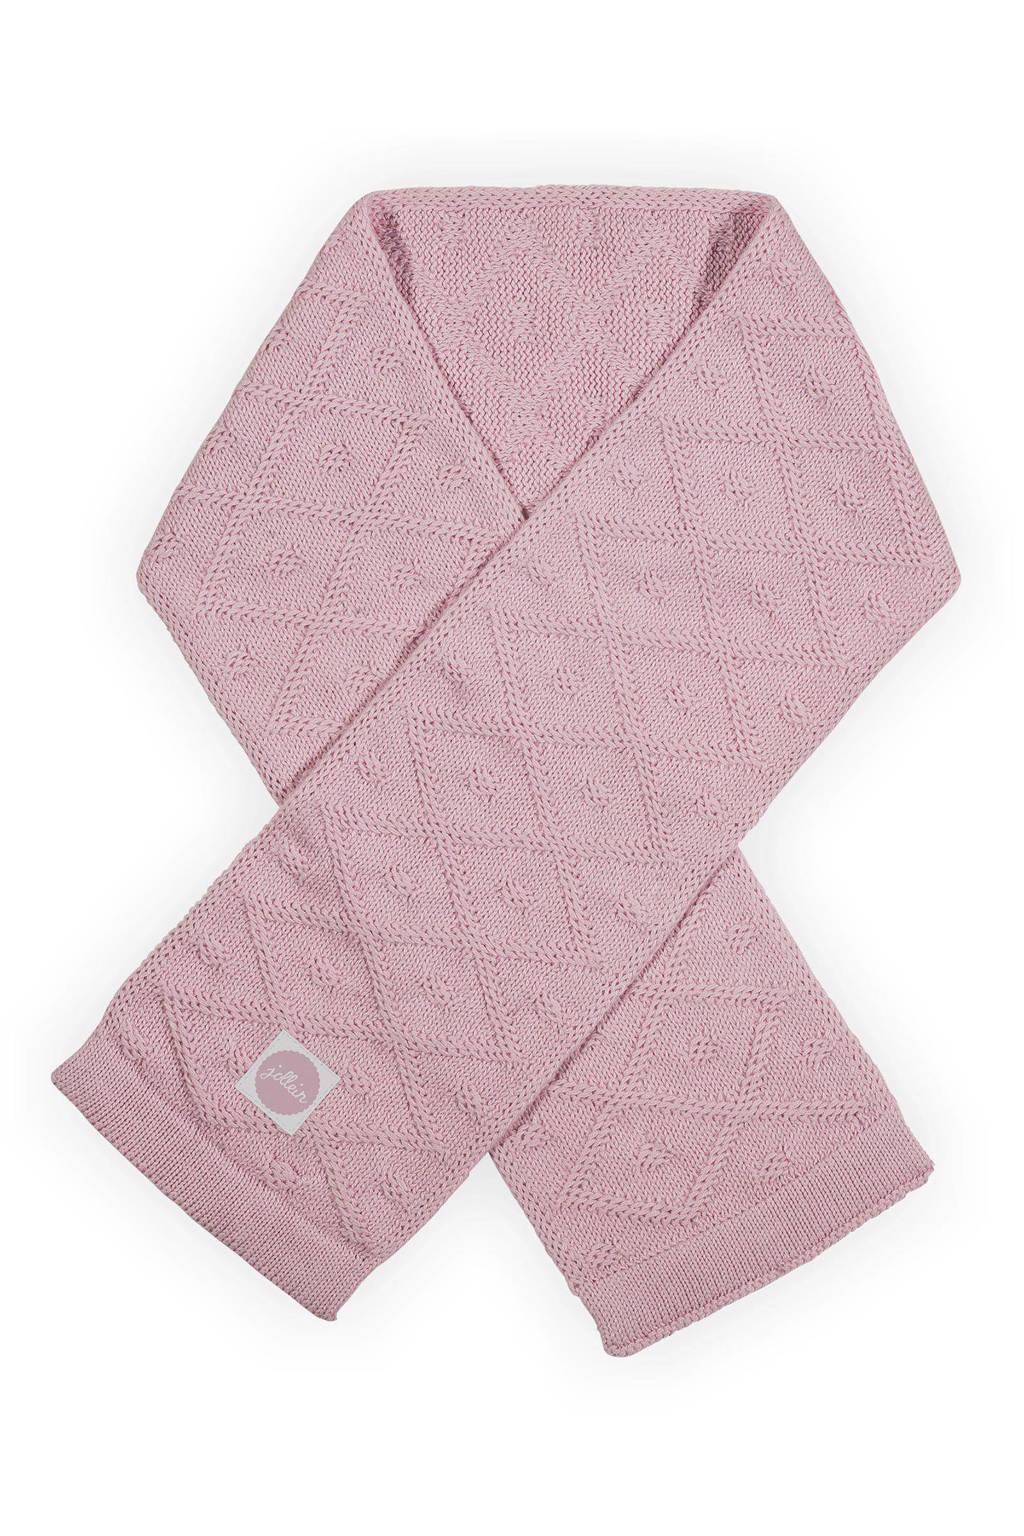 Jollein Sjaal Diamond, Vintage Pink